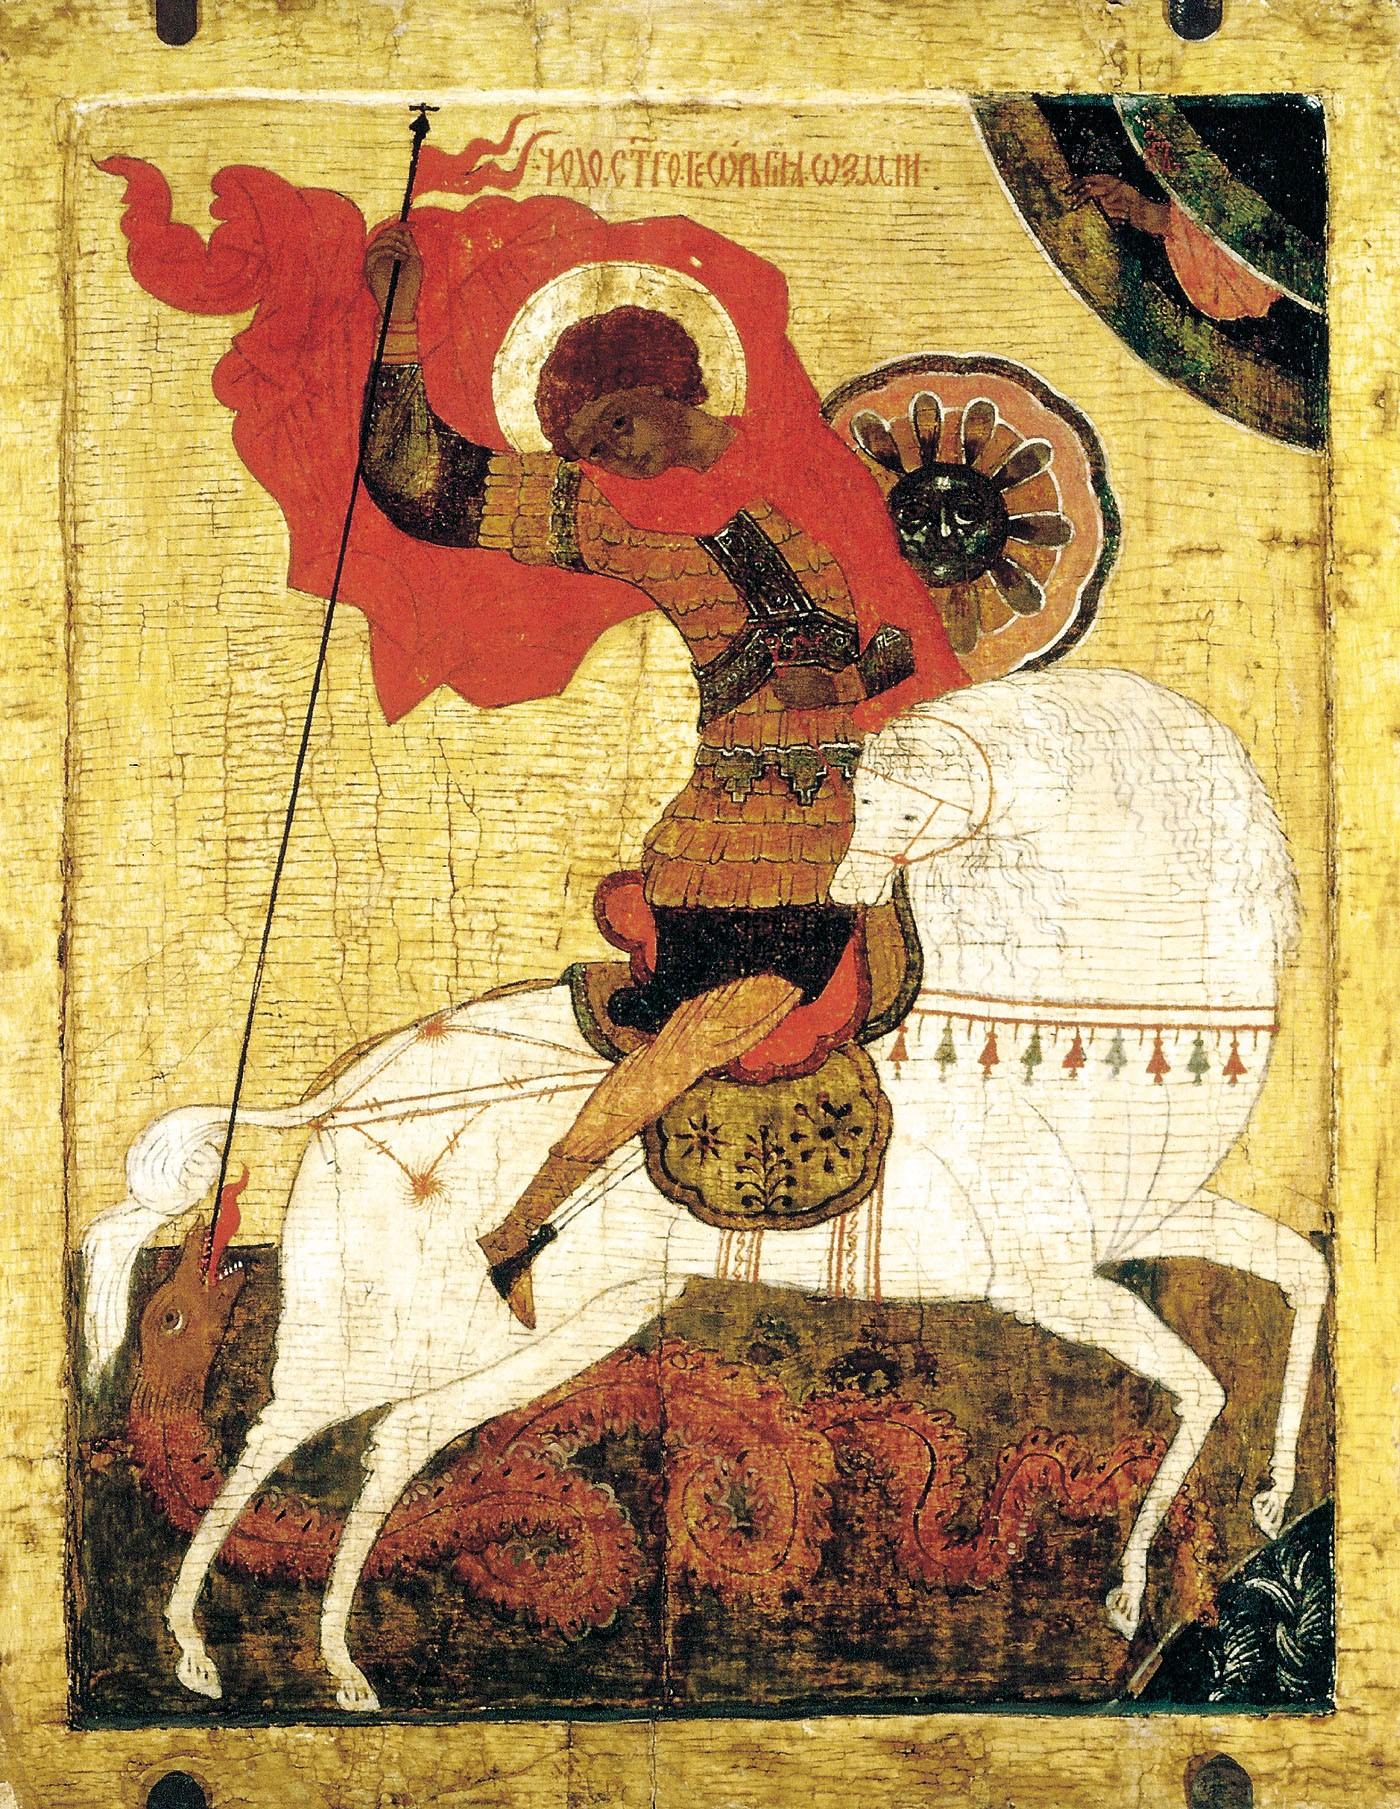 Купить прориси икон третьяковской галереи